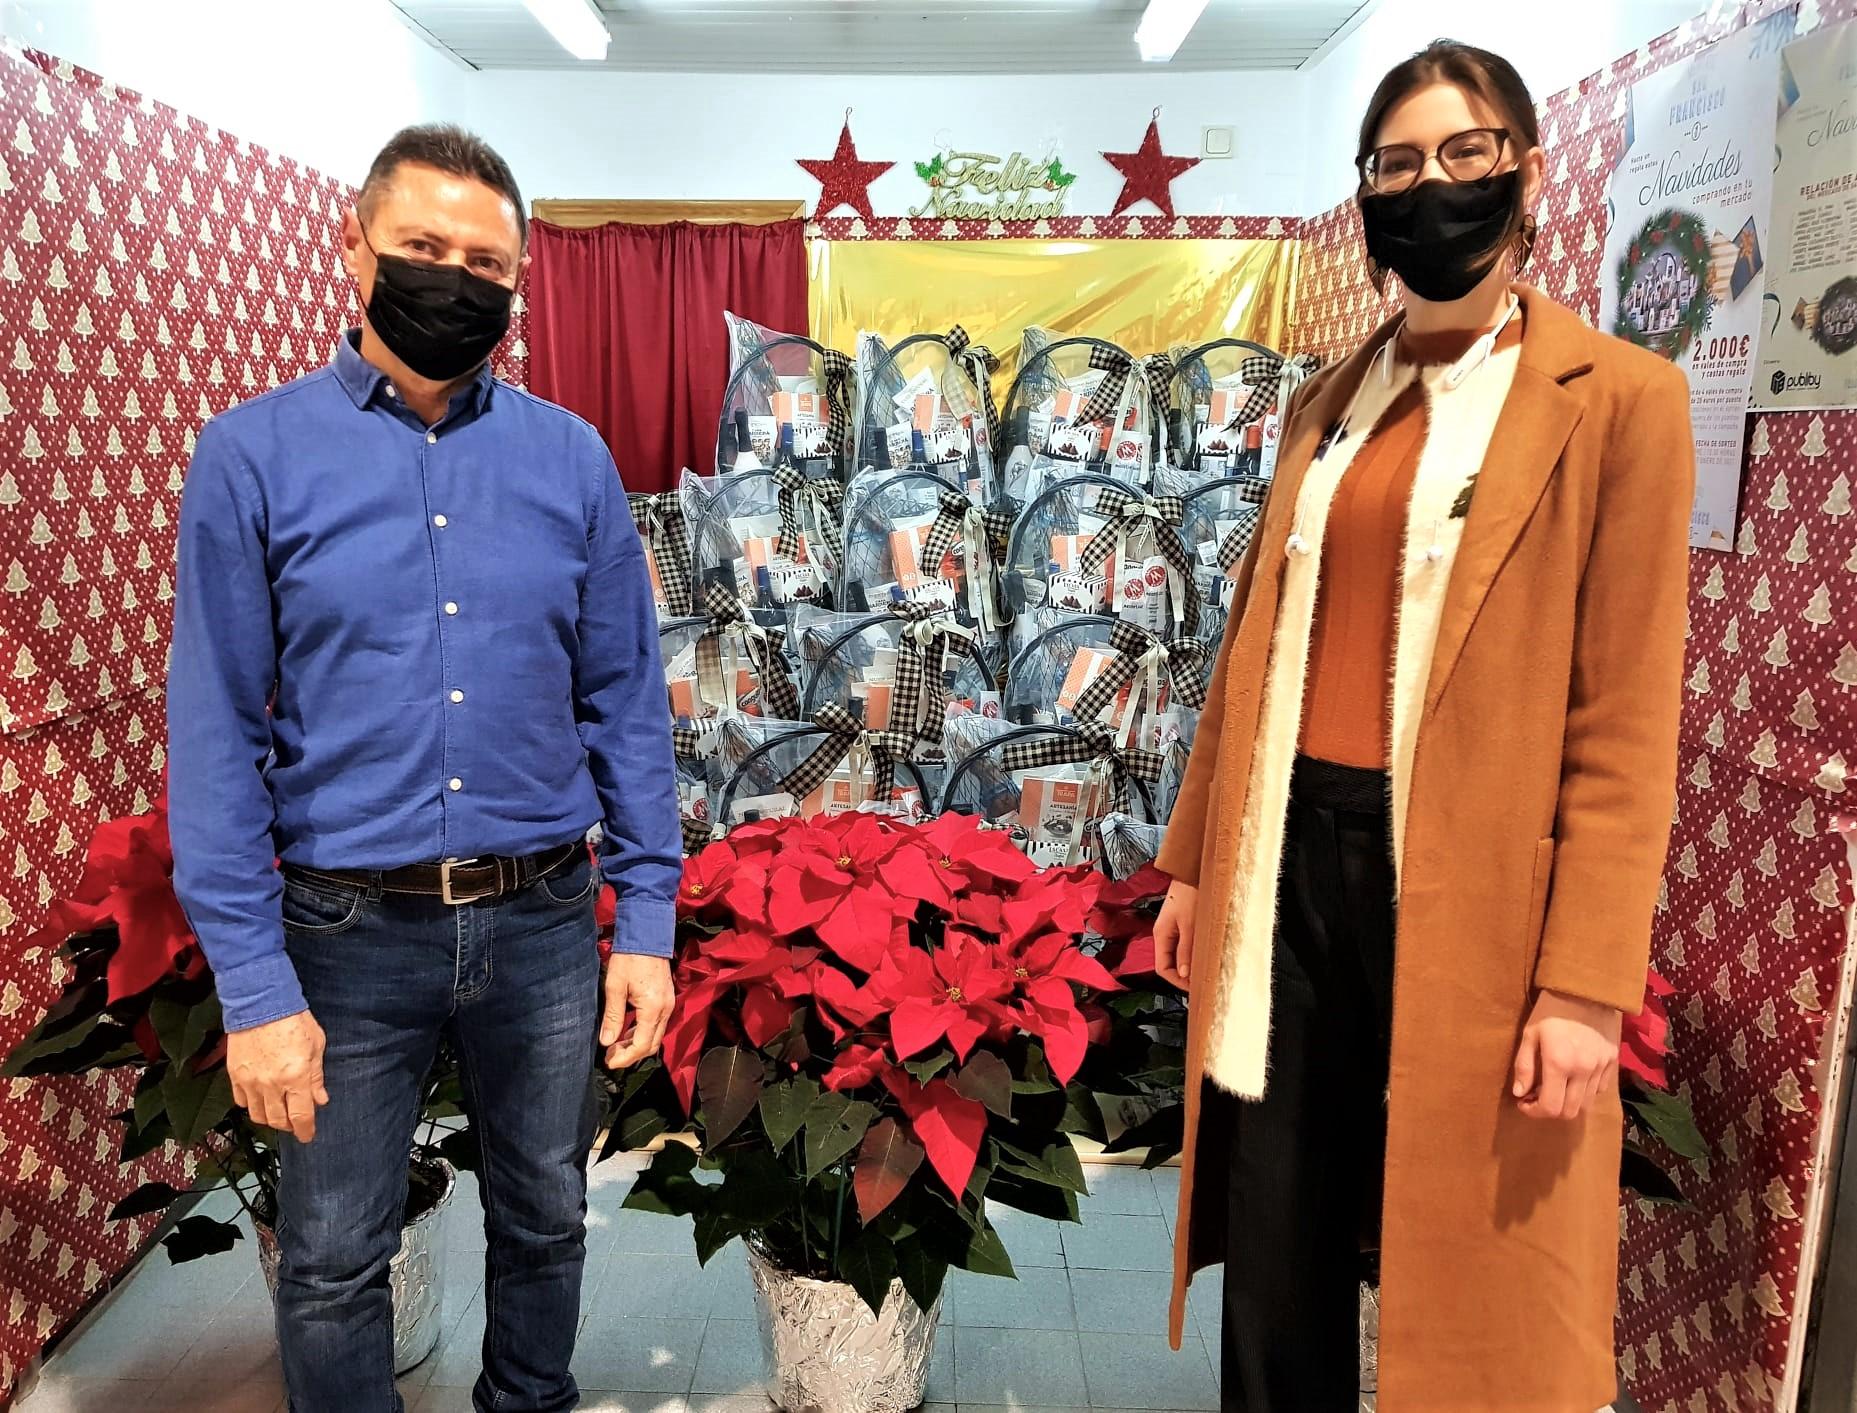 Los comerciantes del Mercado de San Francisco sortearán 2.000 euros en vales de compra y cestas de regalo esta Navidad